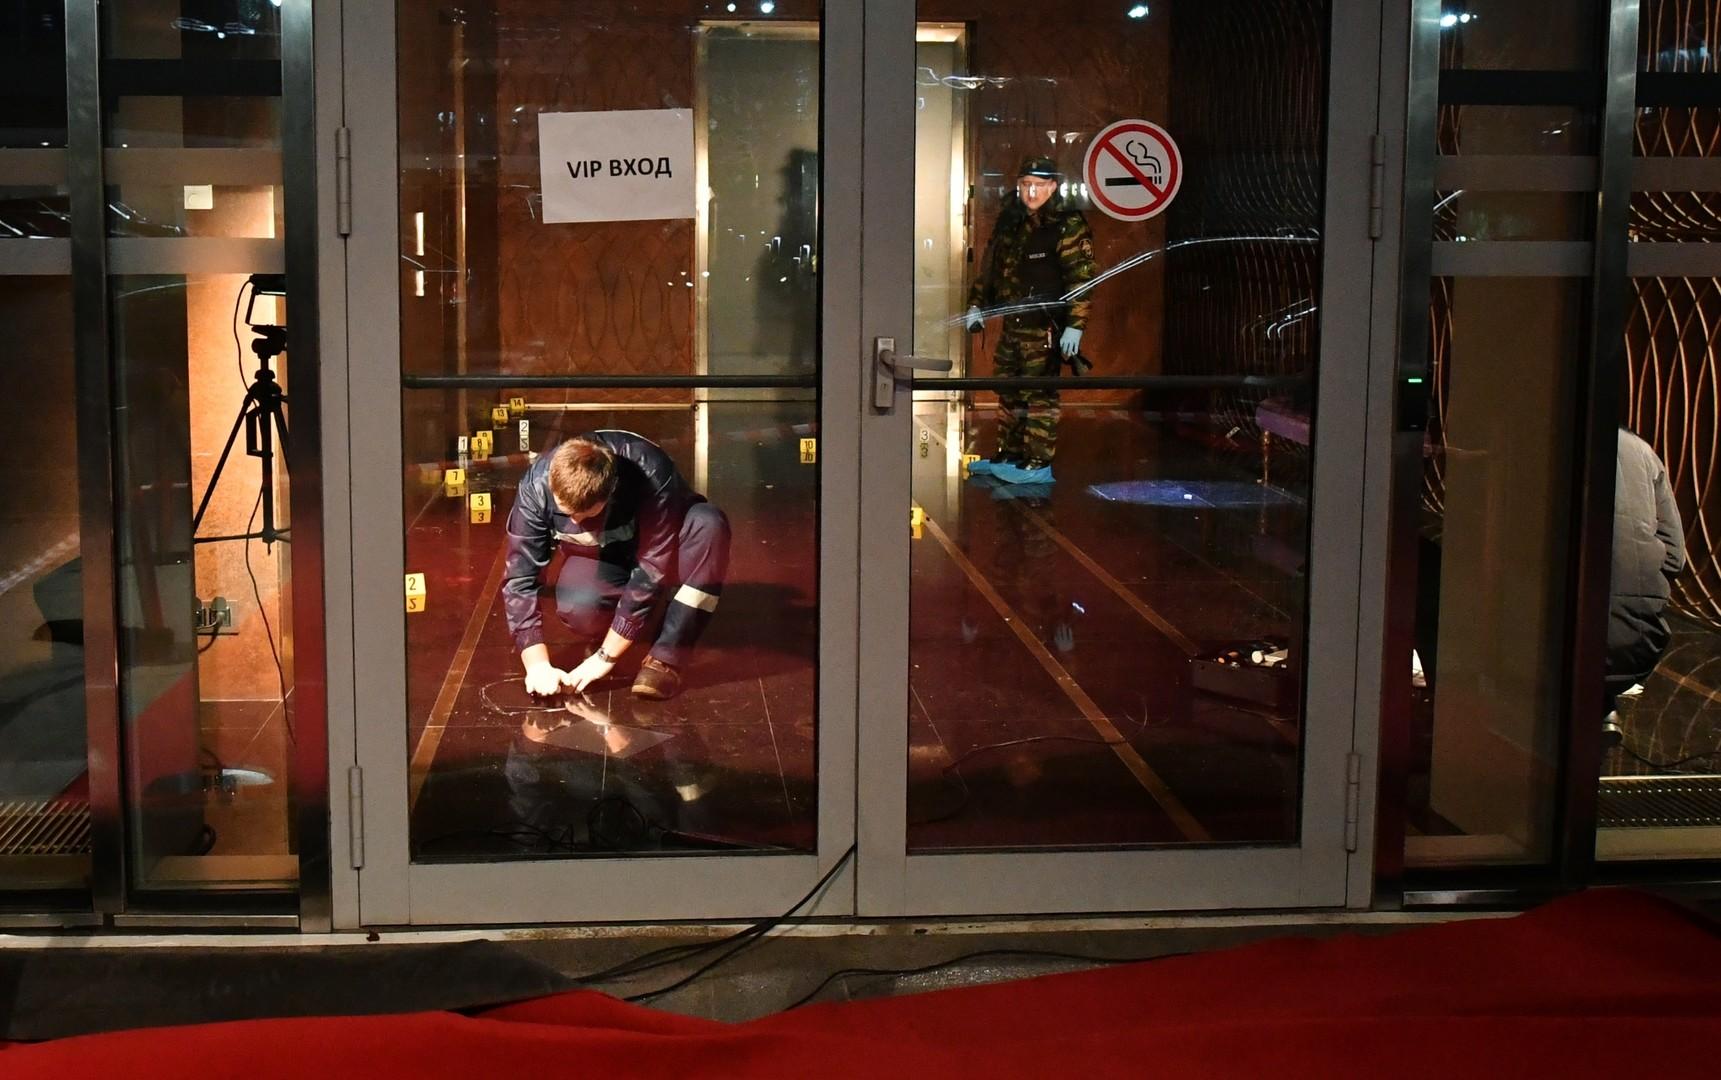 Перестрелка в Москва-Сити: что известно о стрельбе в деловом центре столицы